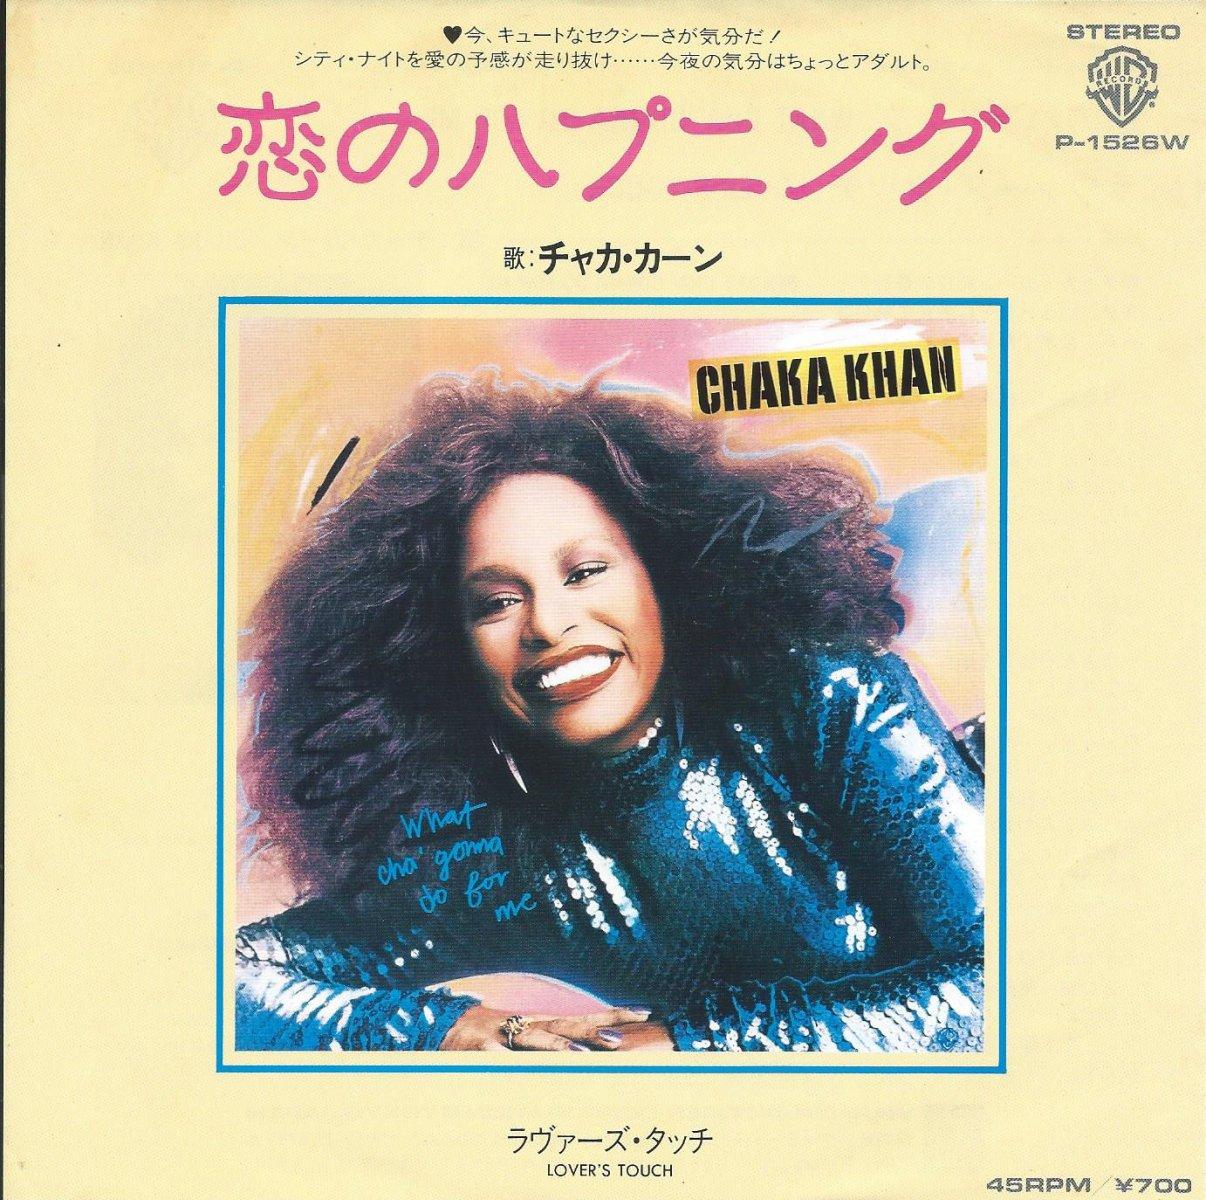 チャカ・カーン CHAKA KHAN / 恋のハプニング WHAT CHA' GONNA DO FOR ME (7